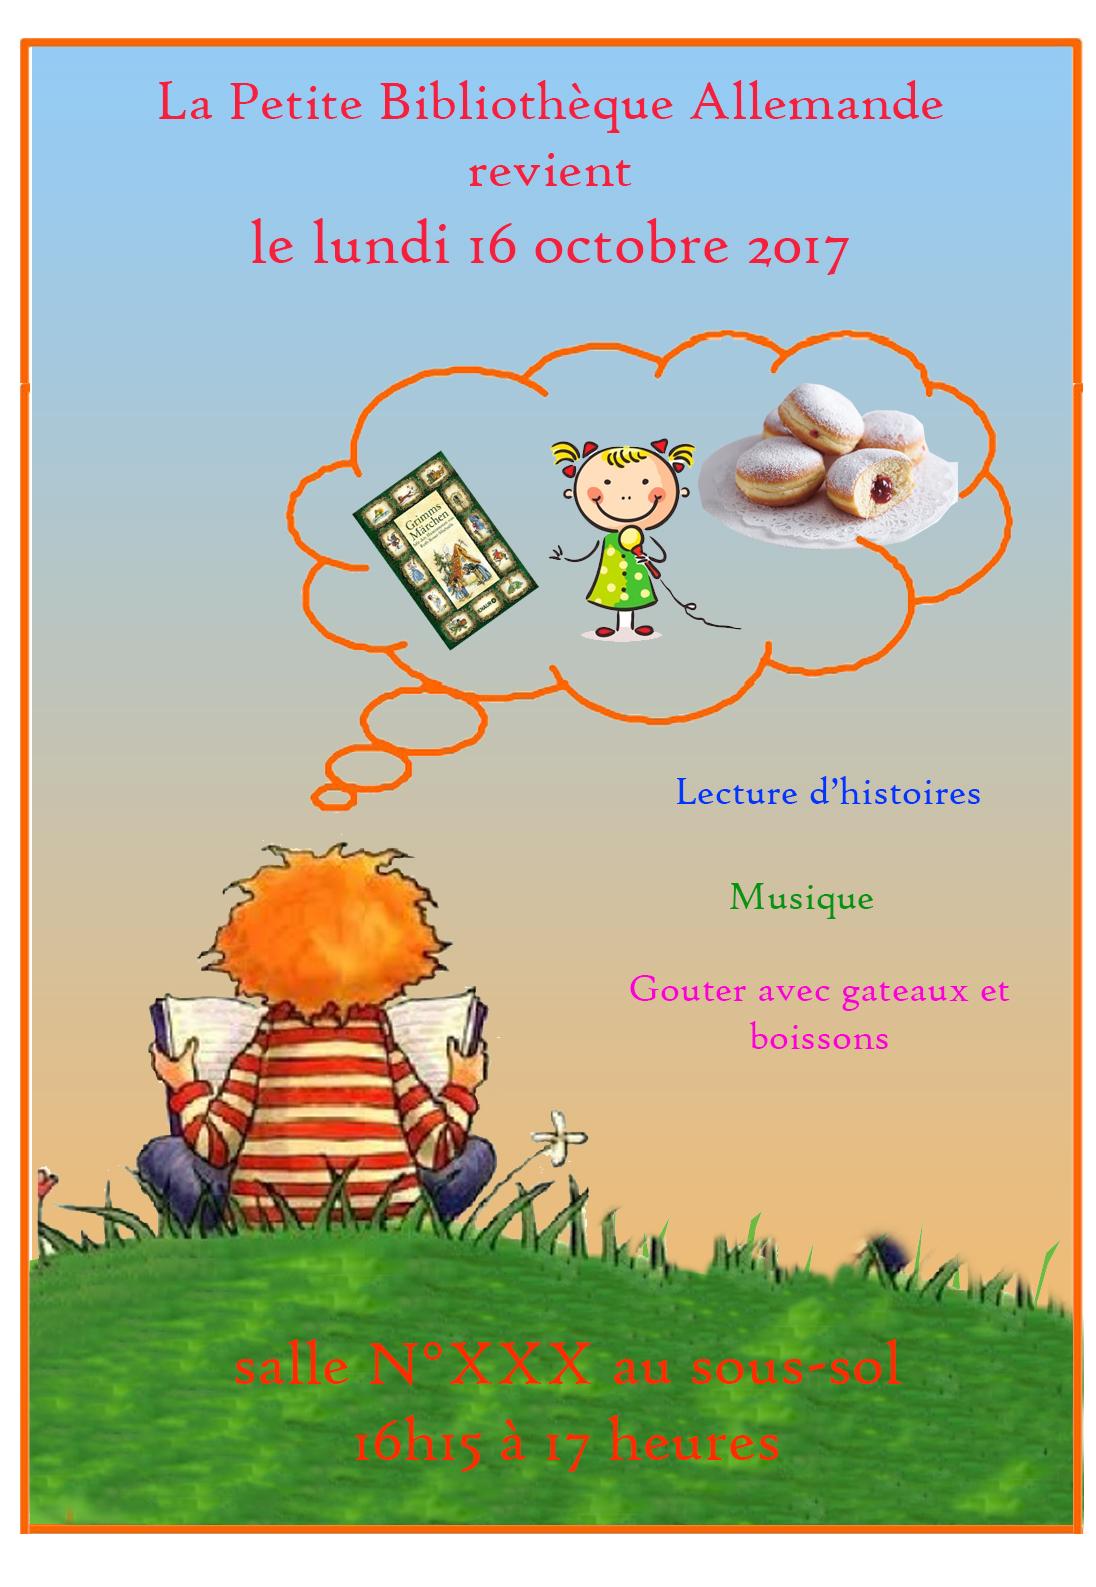 Petite Bibliothèque Allemande (Petit Collège et 6e) : prochain rendez-vous lundi 13 novembre 2017